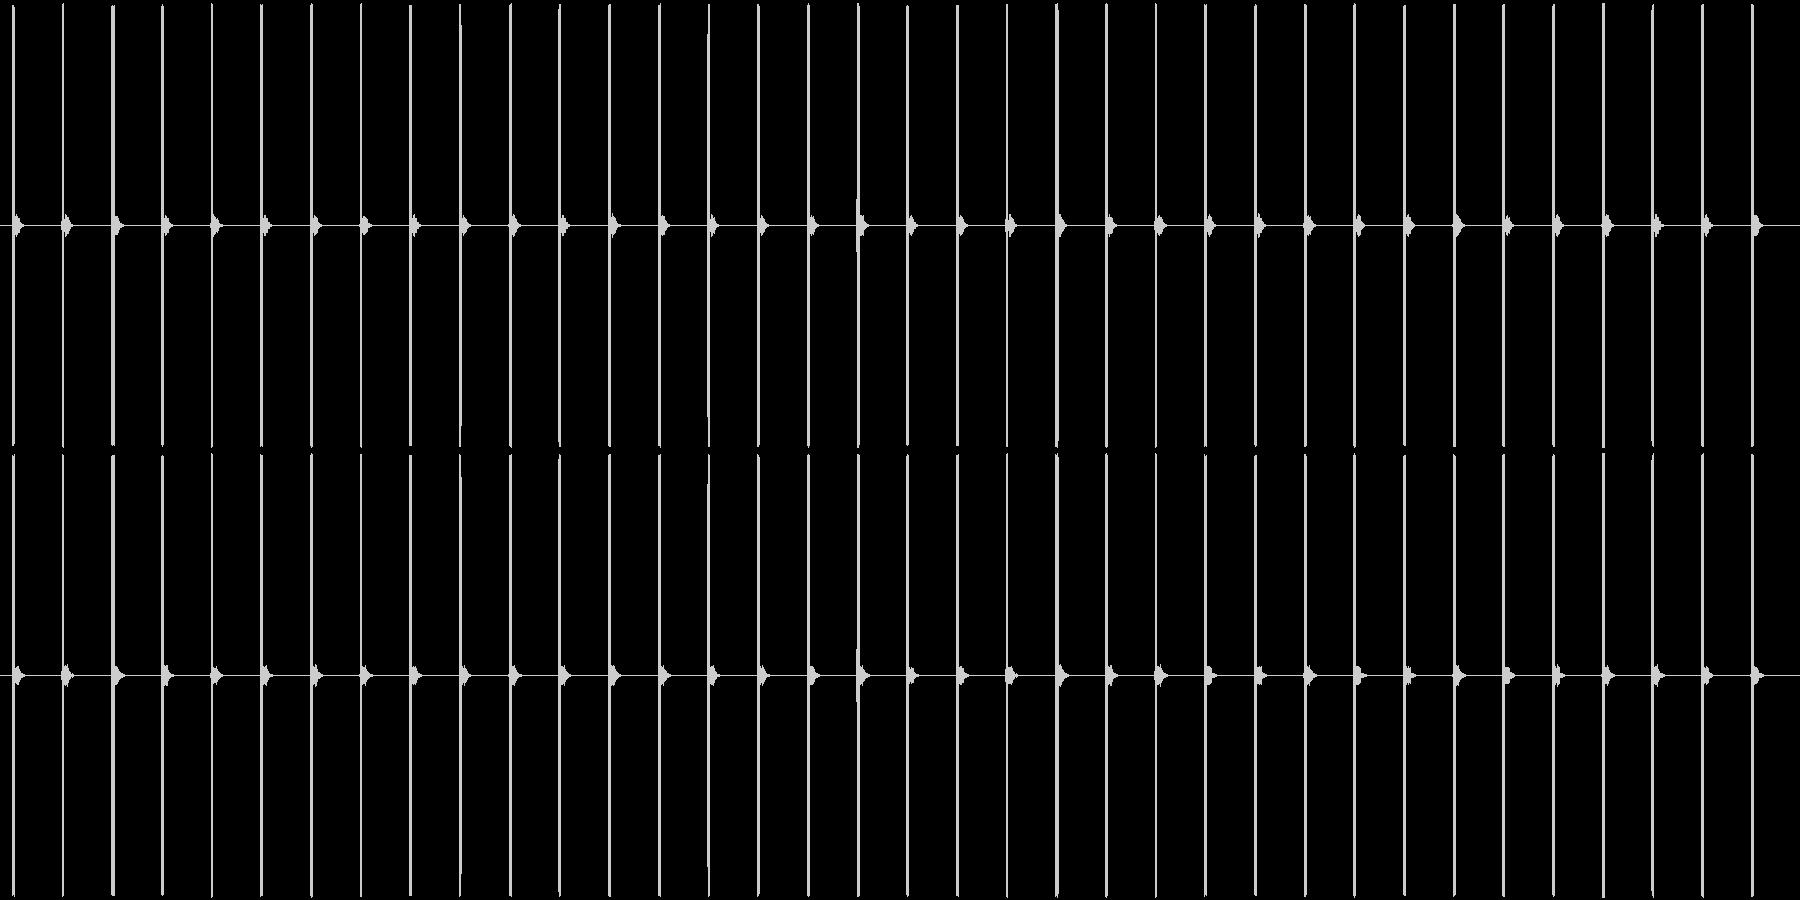 (ピッピッ)デジタル時計の秒針音の未再生の波形